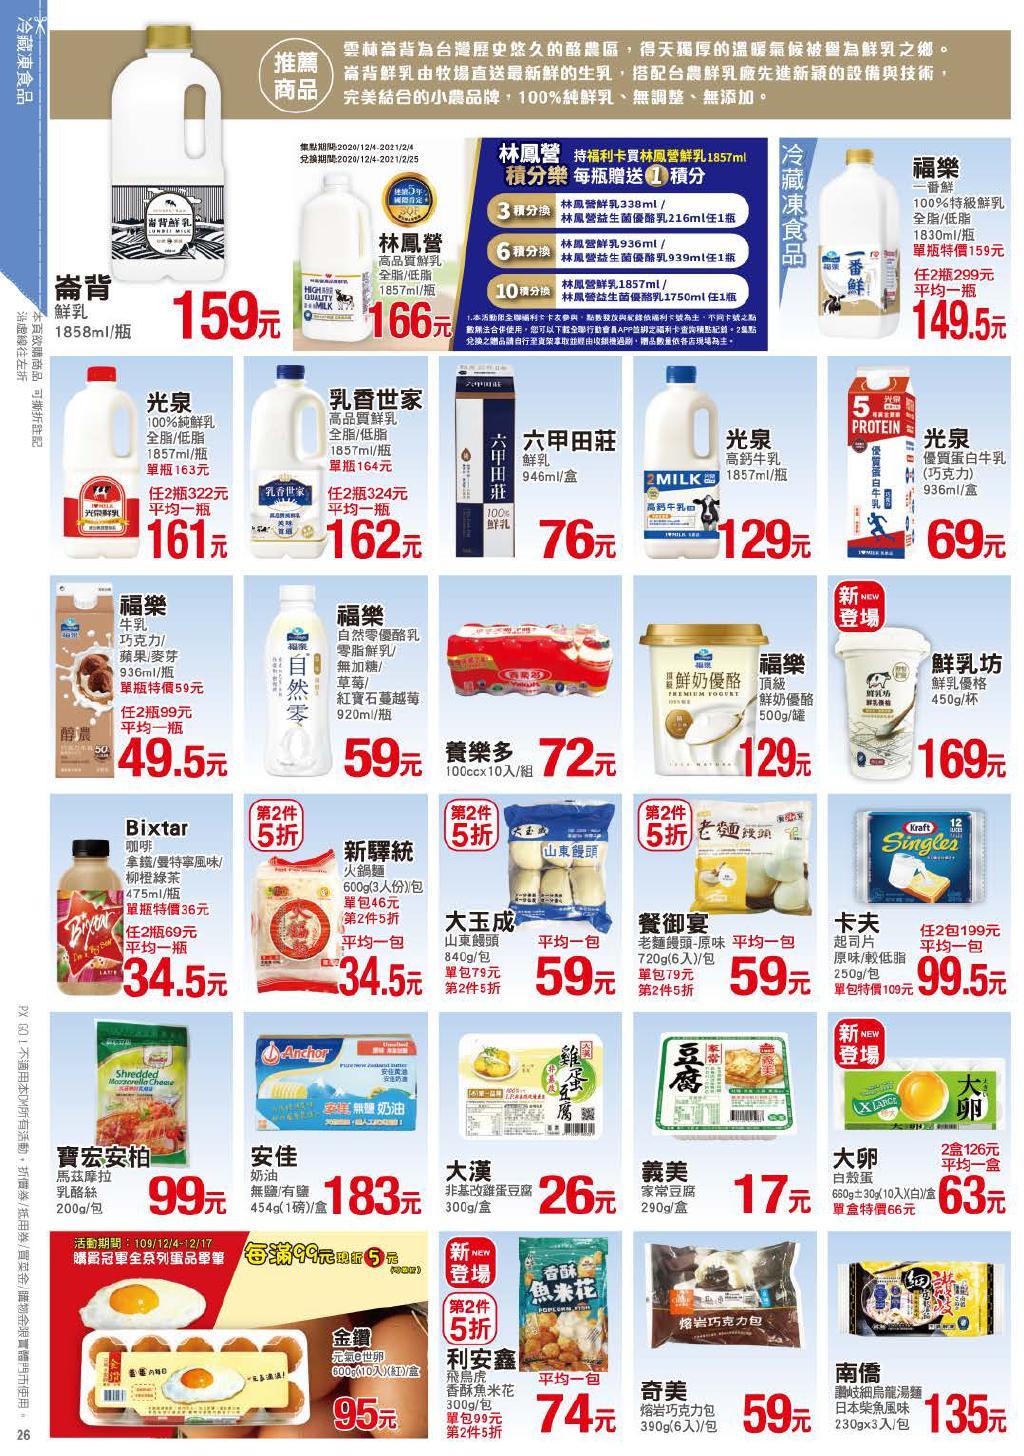 pxmart20201217_000026.jpg